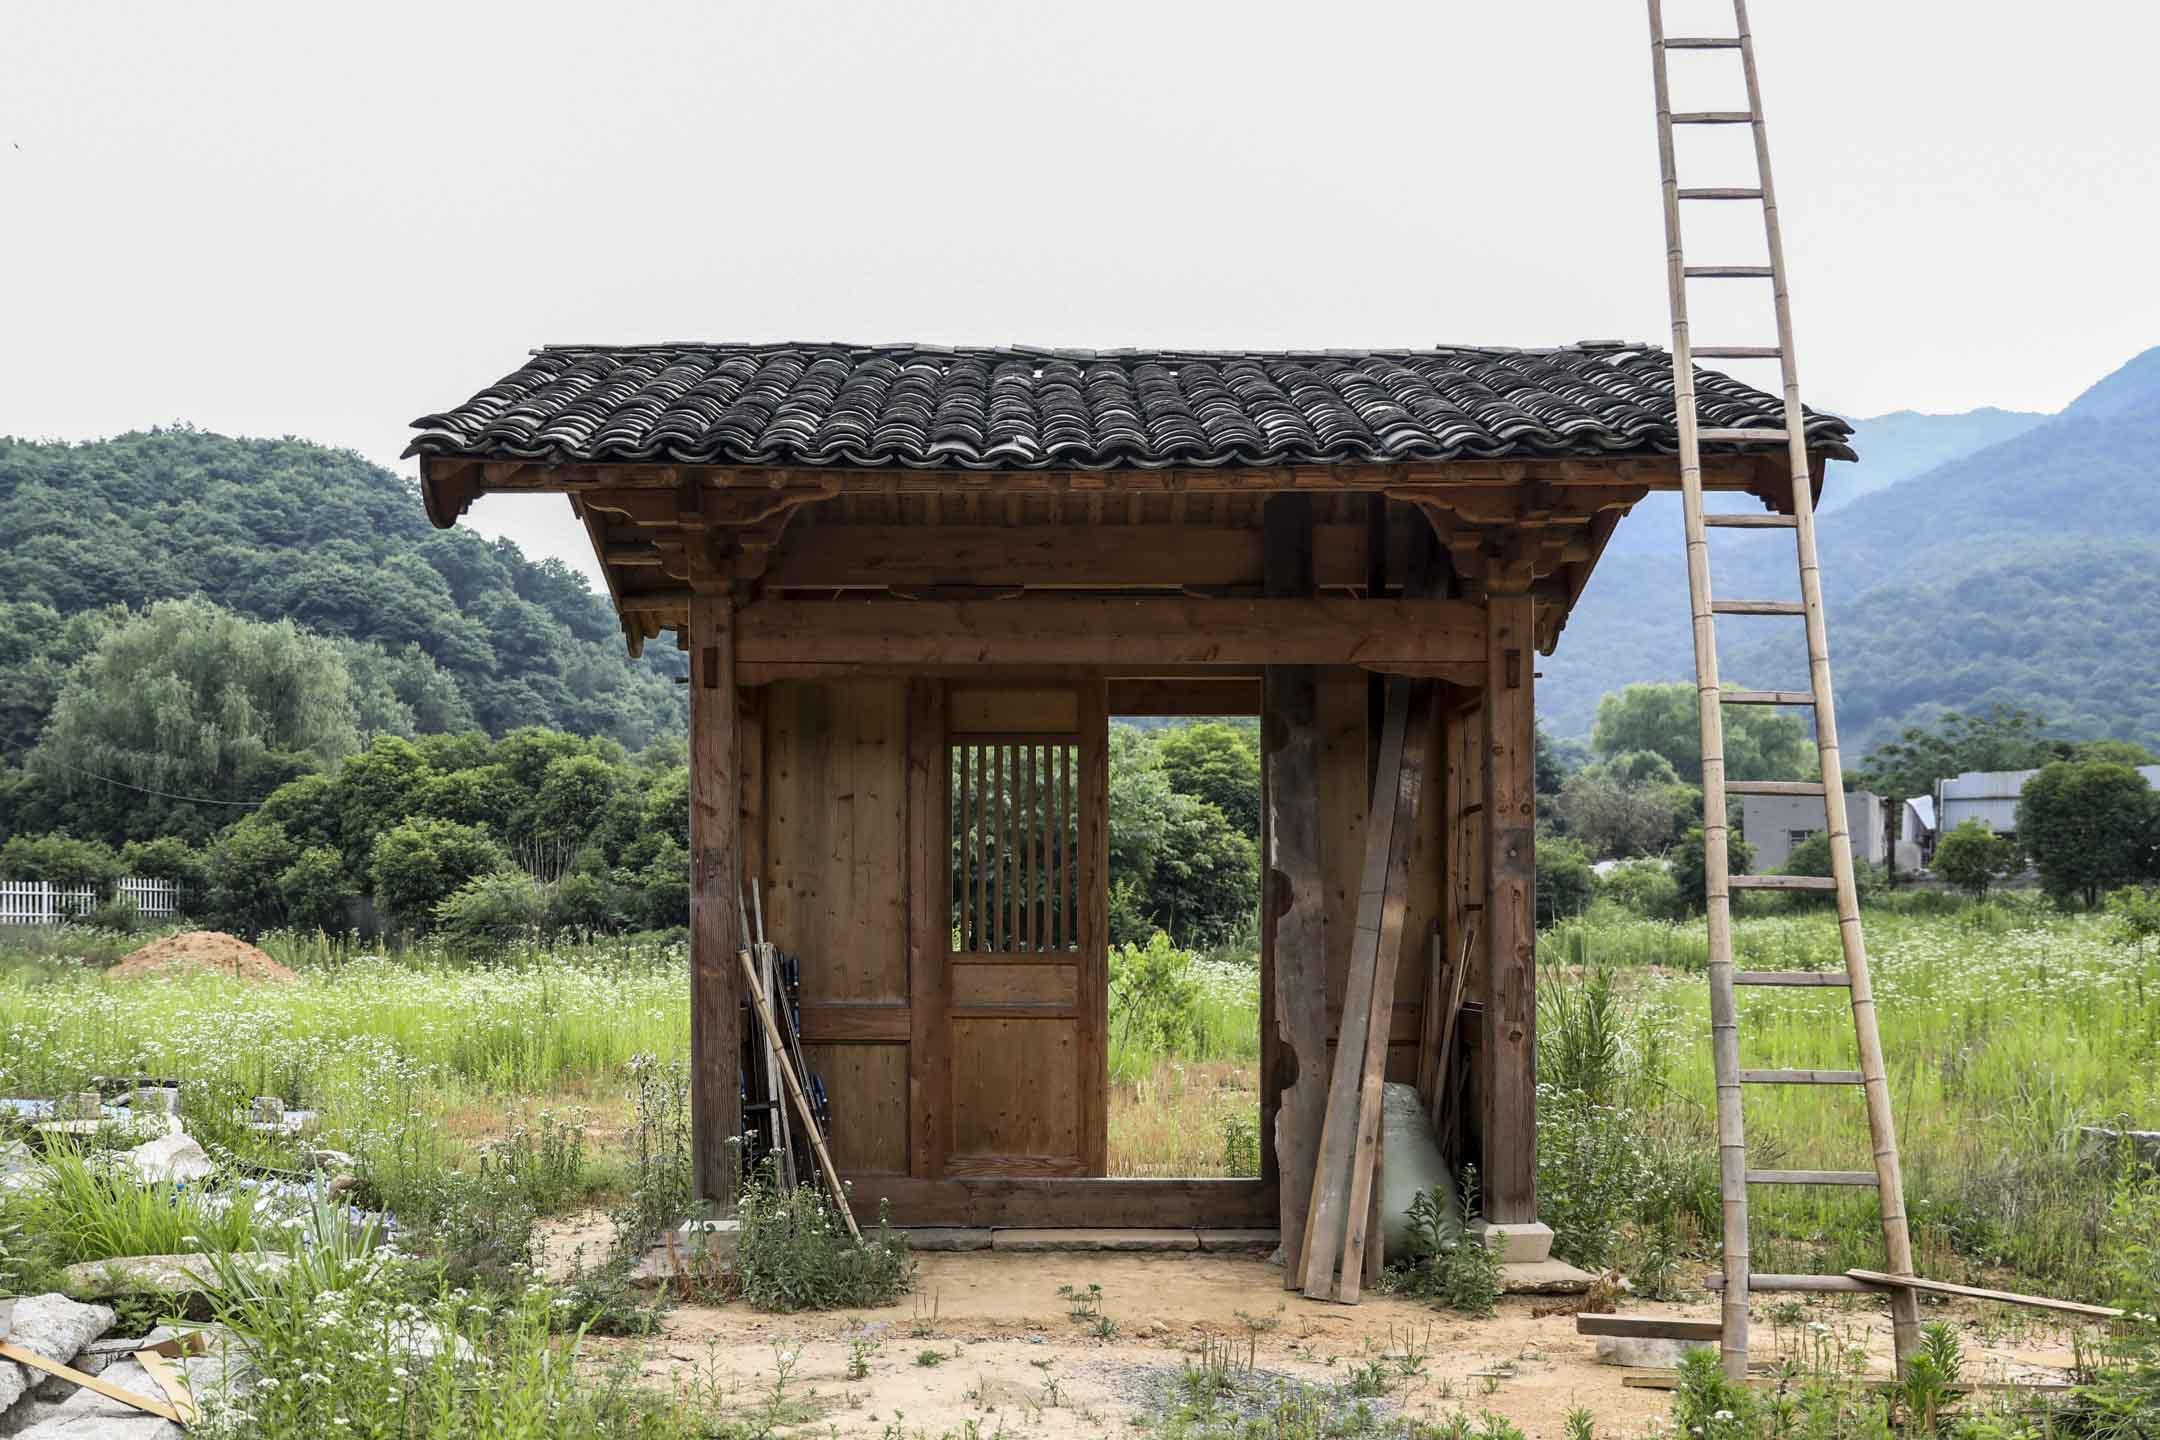 巧匠能搭,就一樣能拆,古老宅院,成了商人眼中的「可移動房產」。圖為杭州靈山大嶺村的古建築修復基地。 攝:劉影/端傳媒